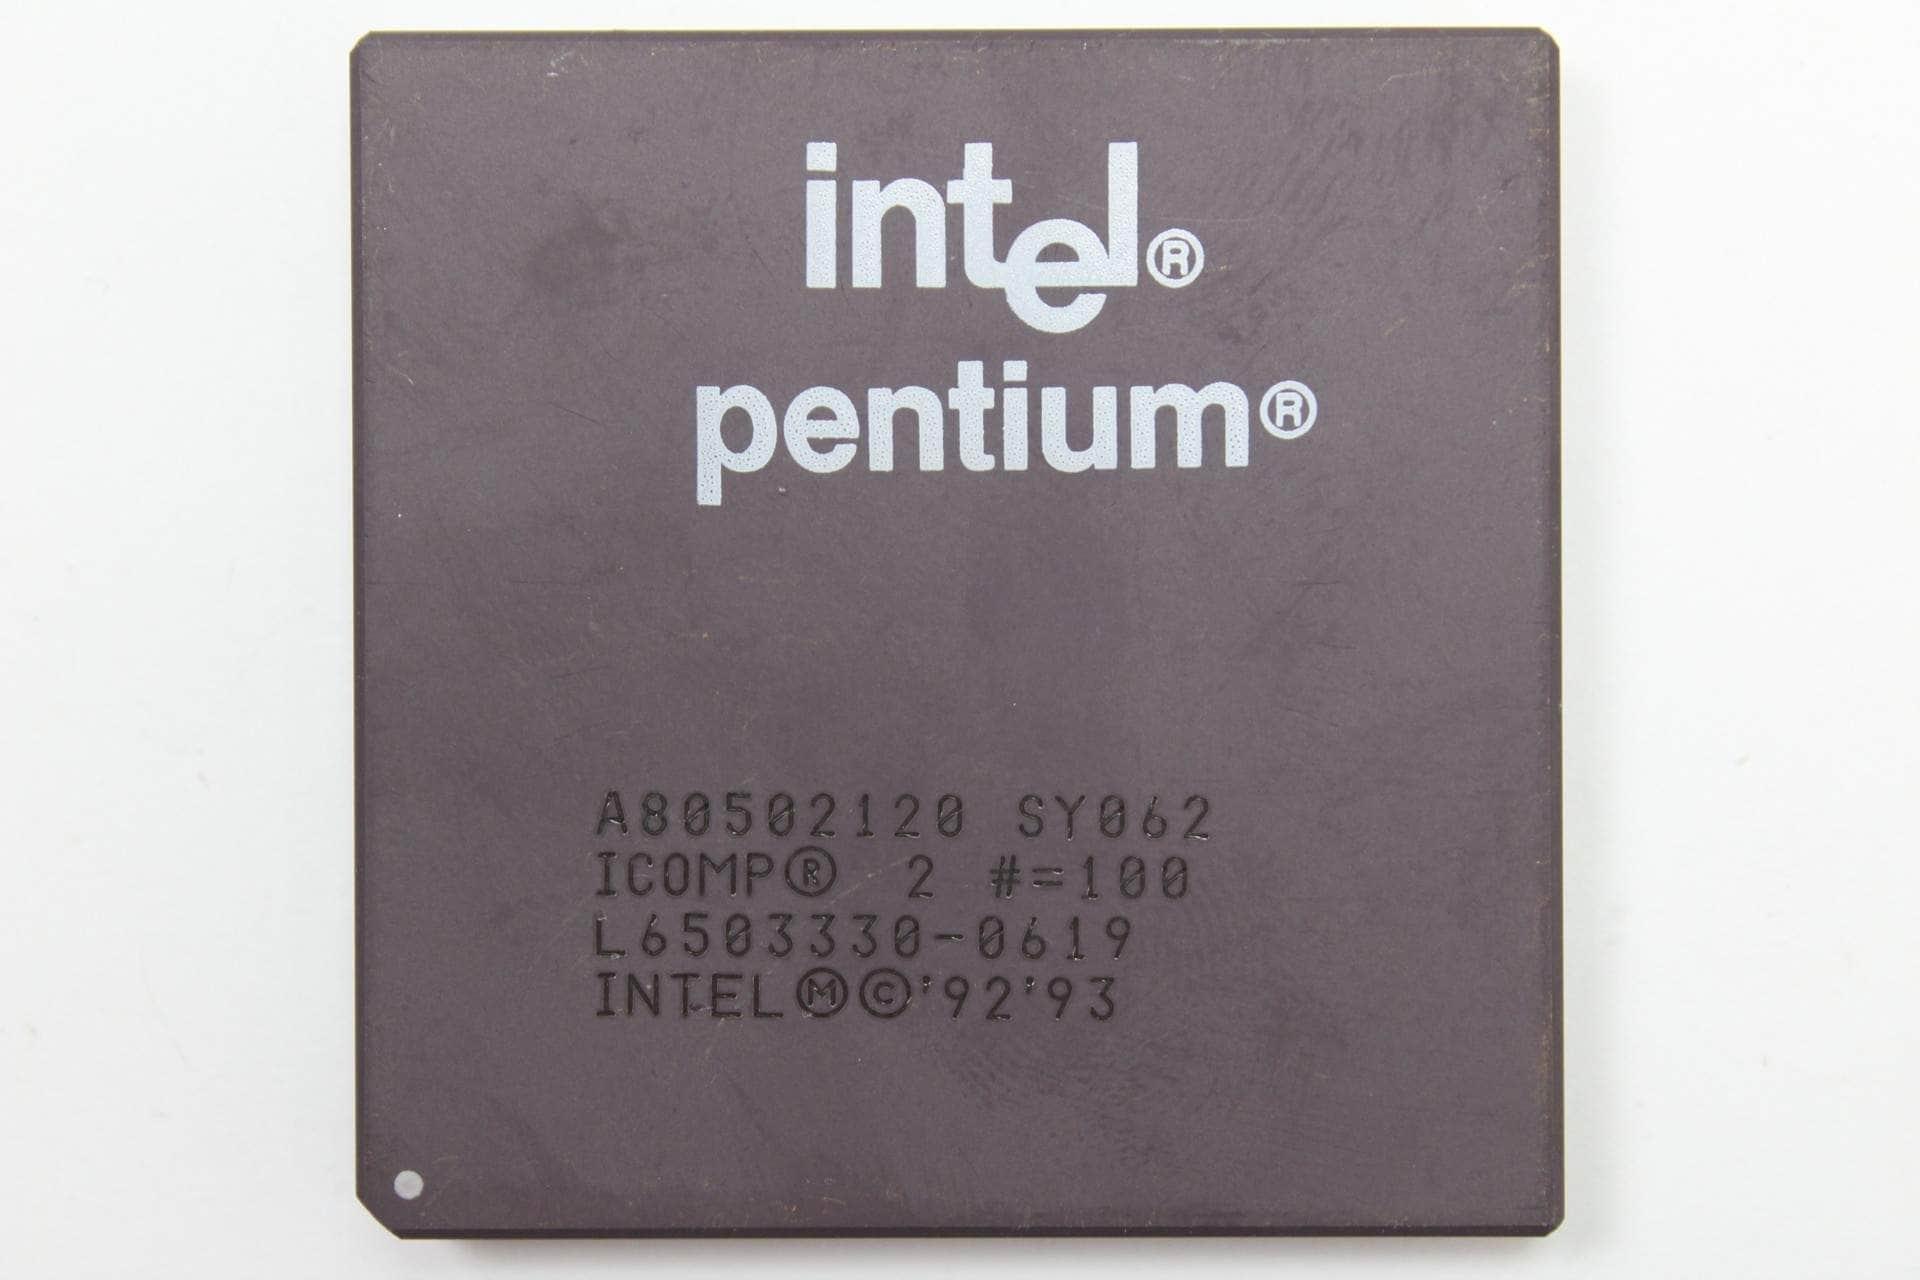 Intel Pentium 120MHz